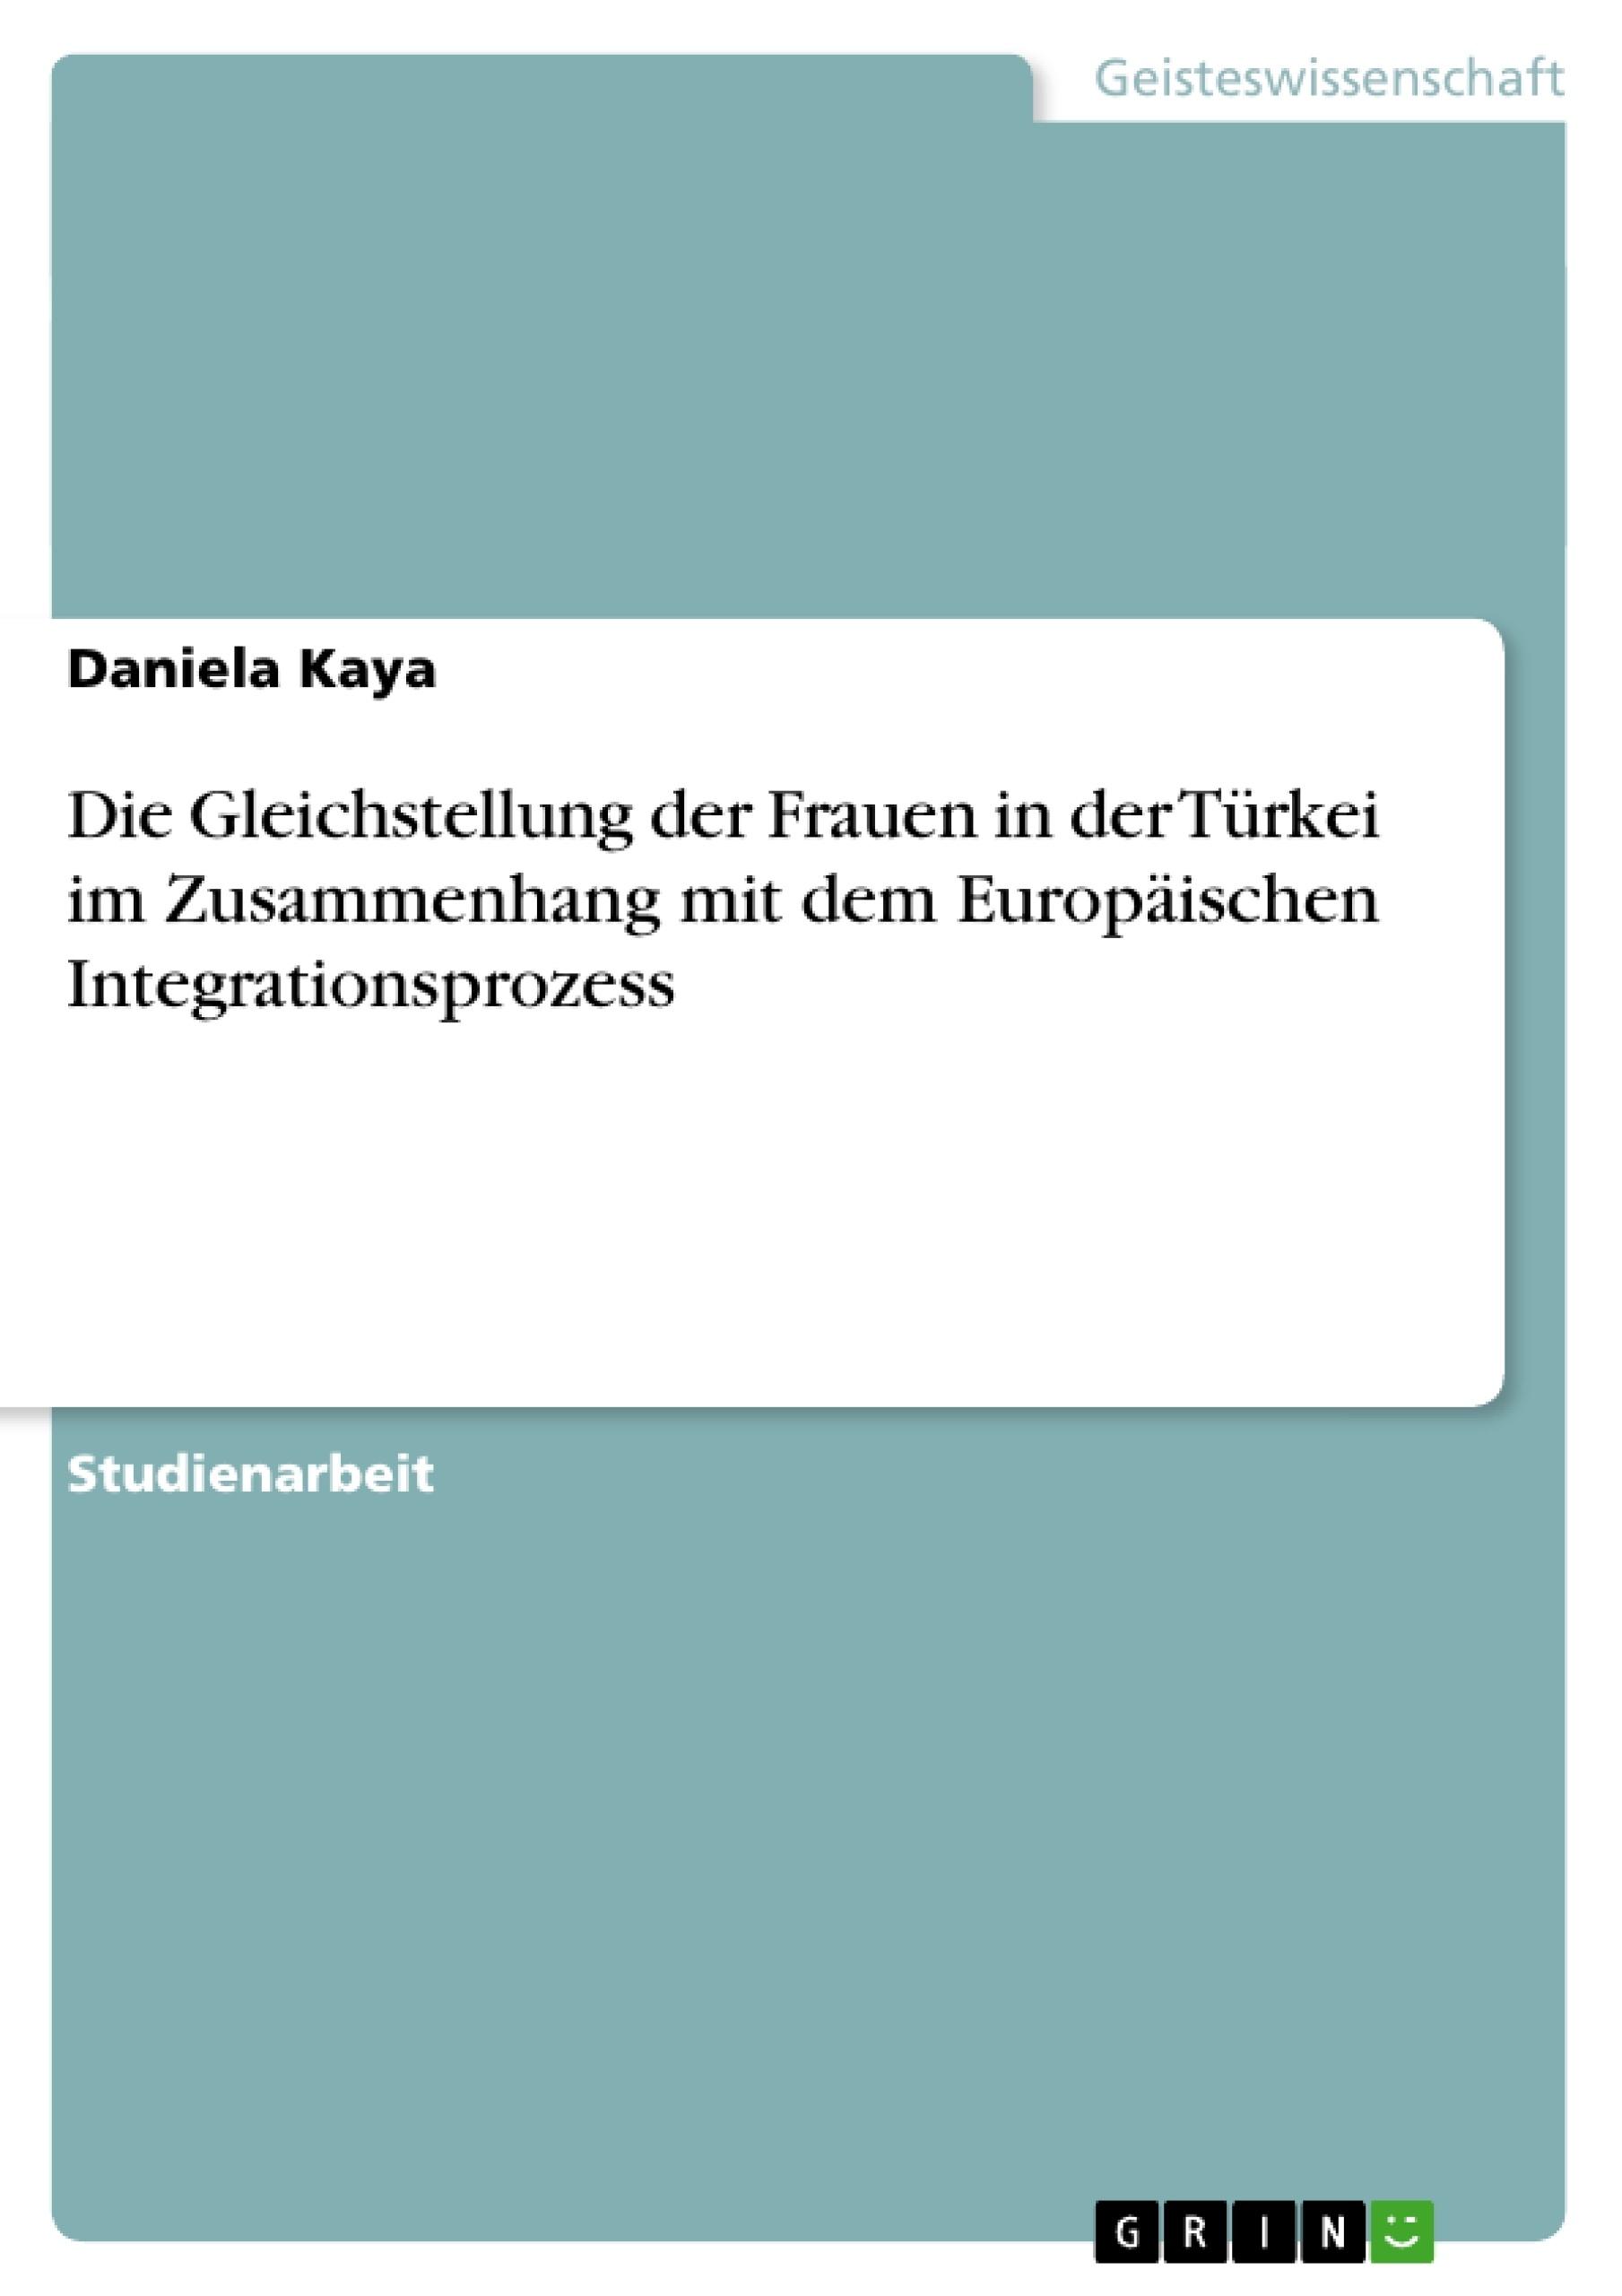 Titel: Die Gleichstellung der Frauen in der Türkei im Zusammenhang mit dem Europäischen Integrationsprozess